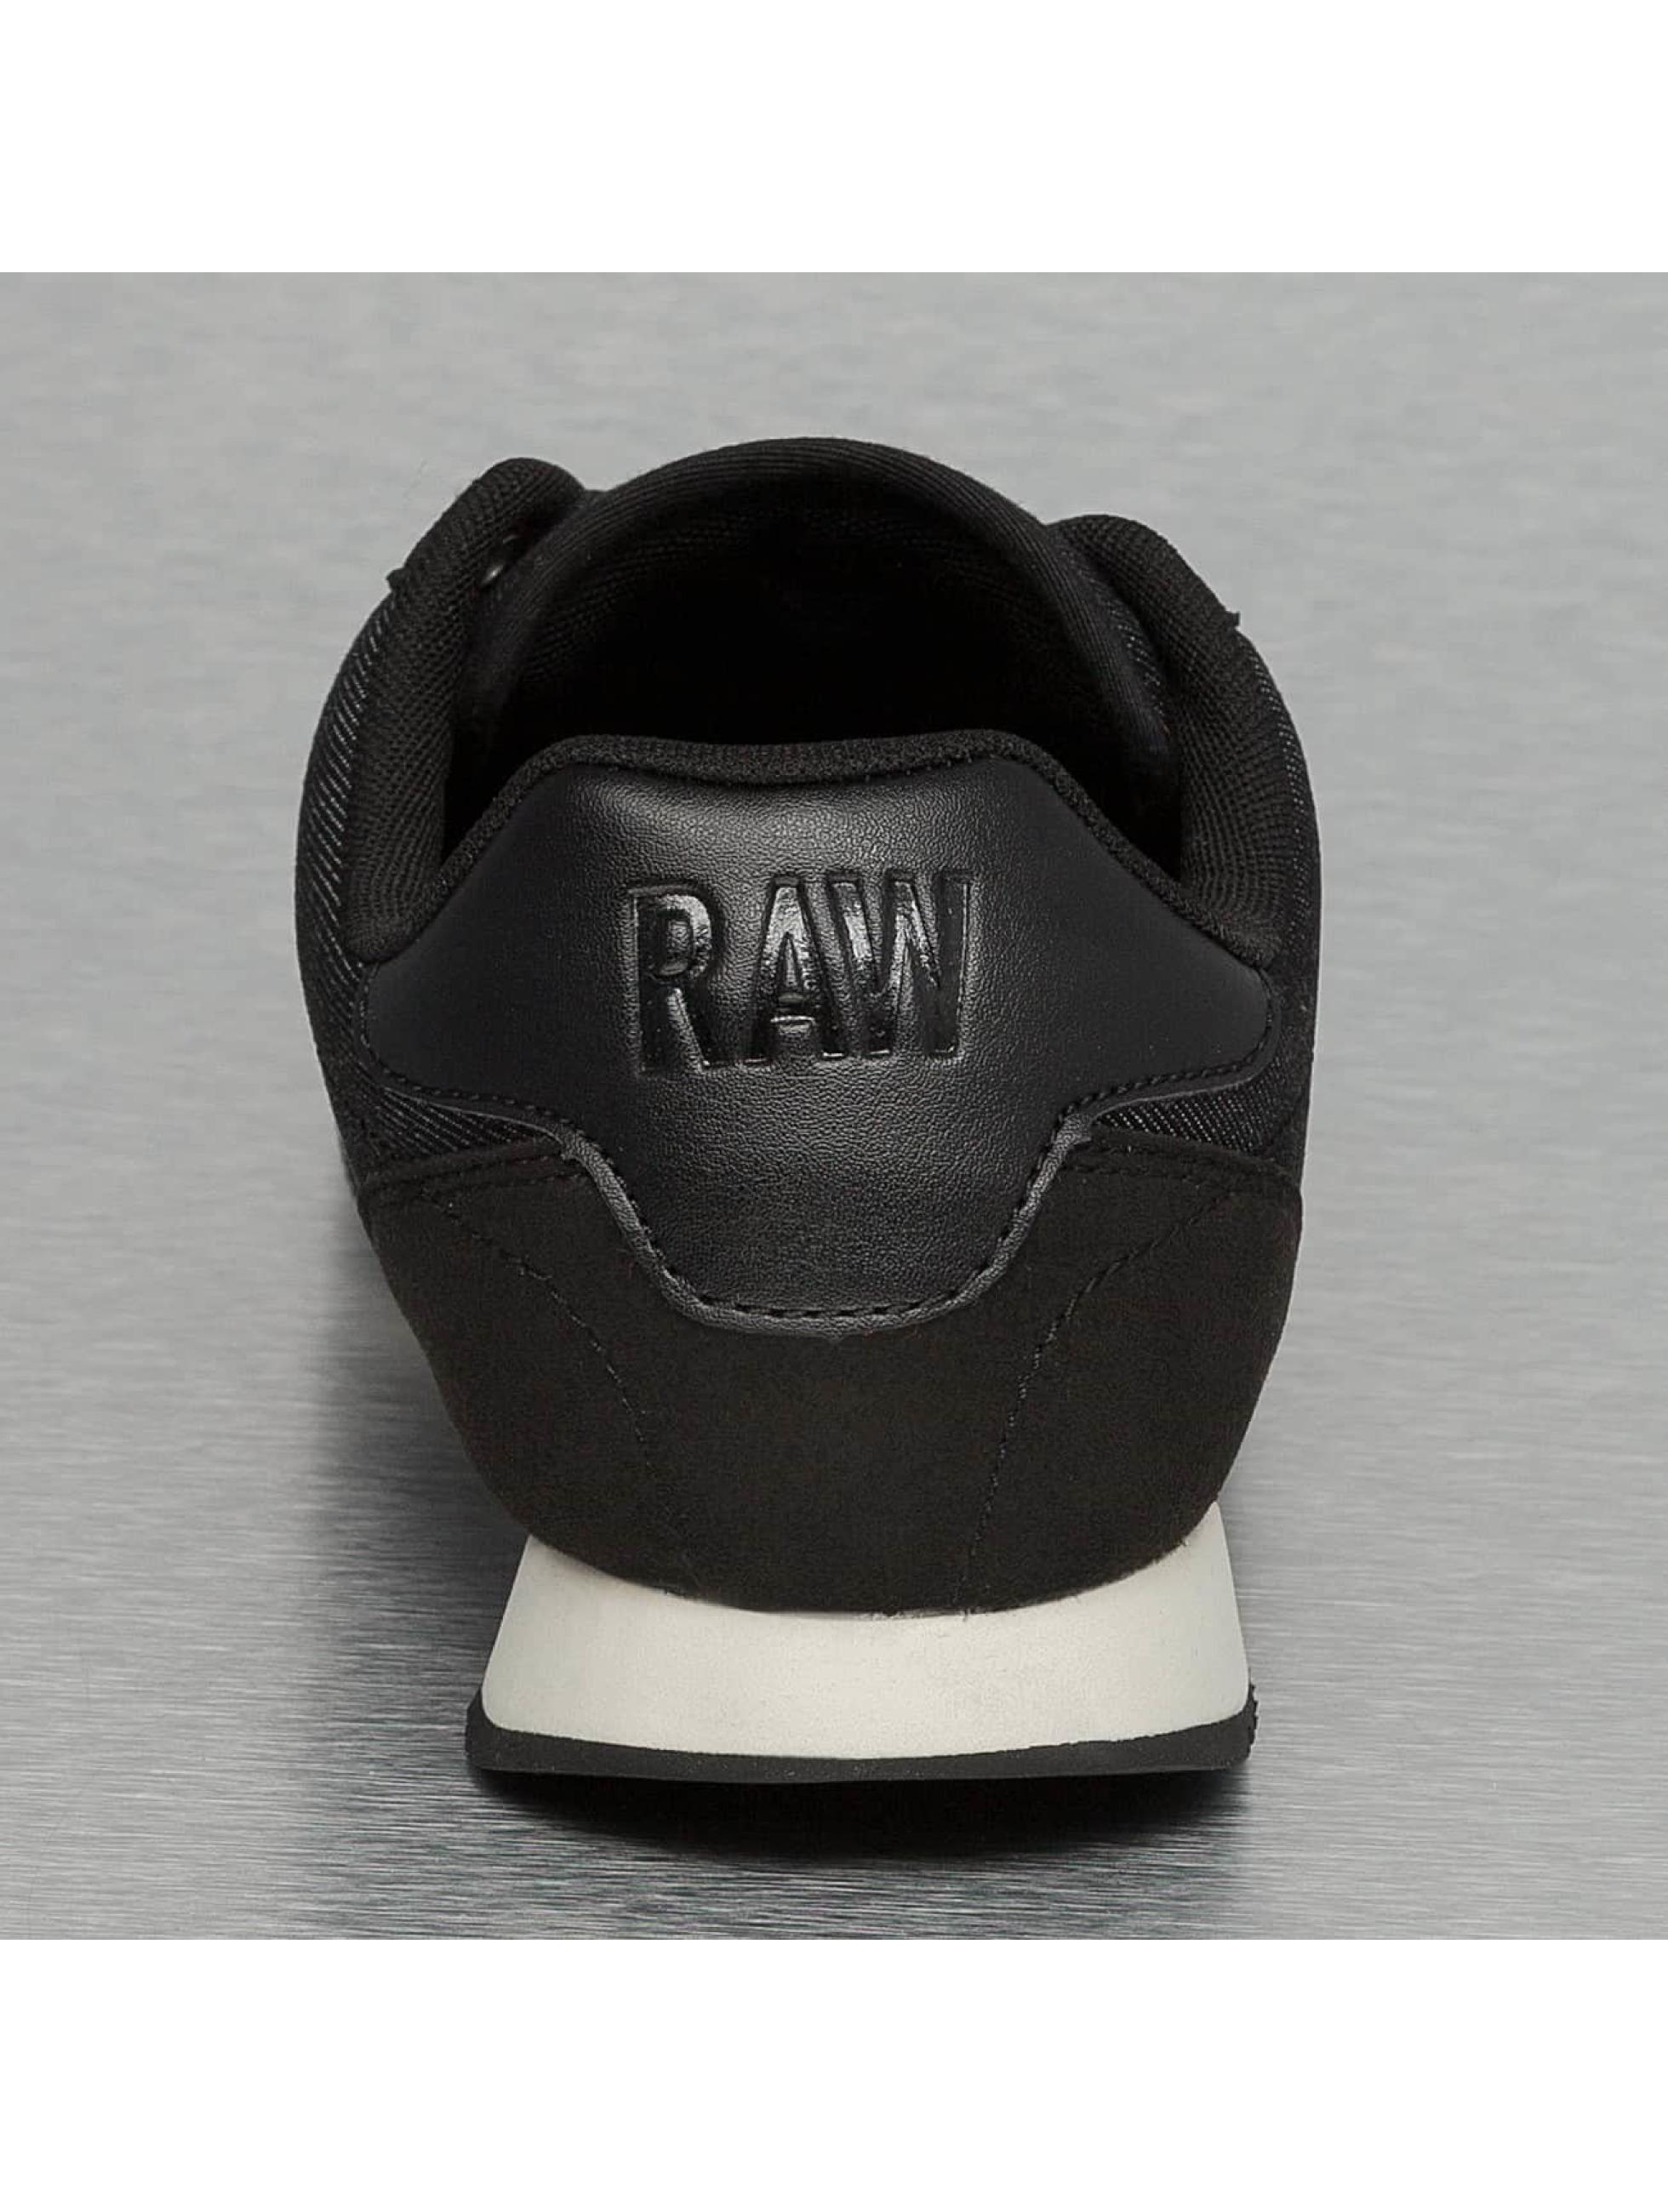 G-Star Sneakers Turner black